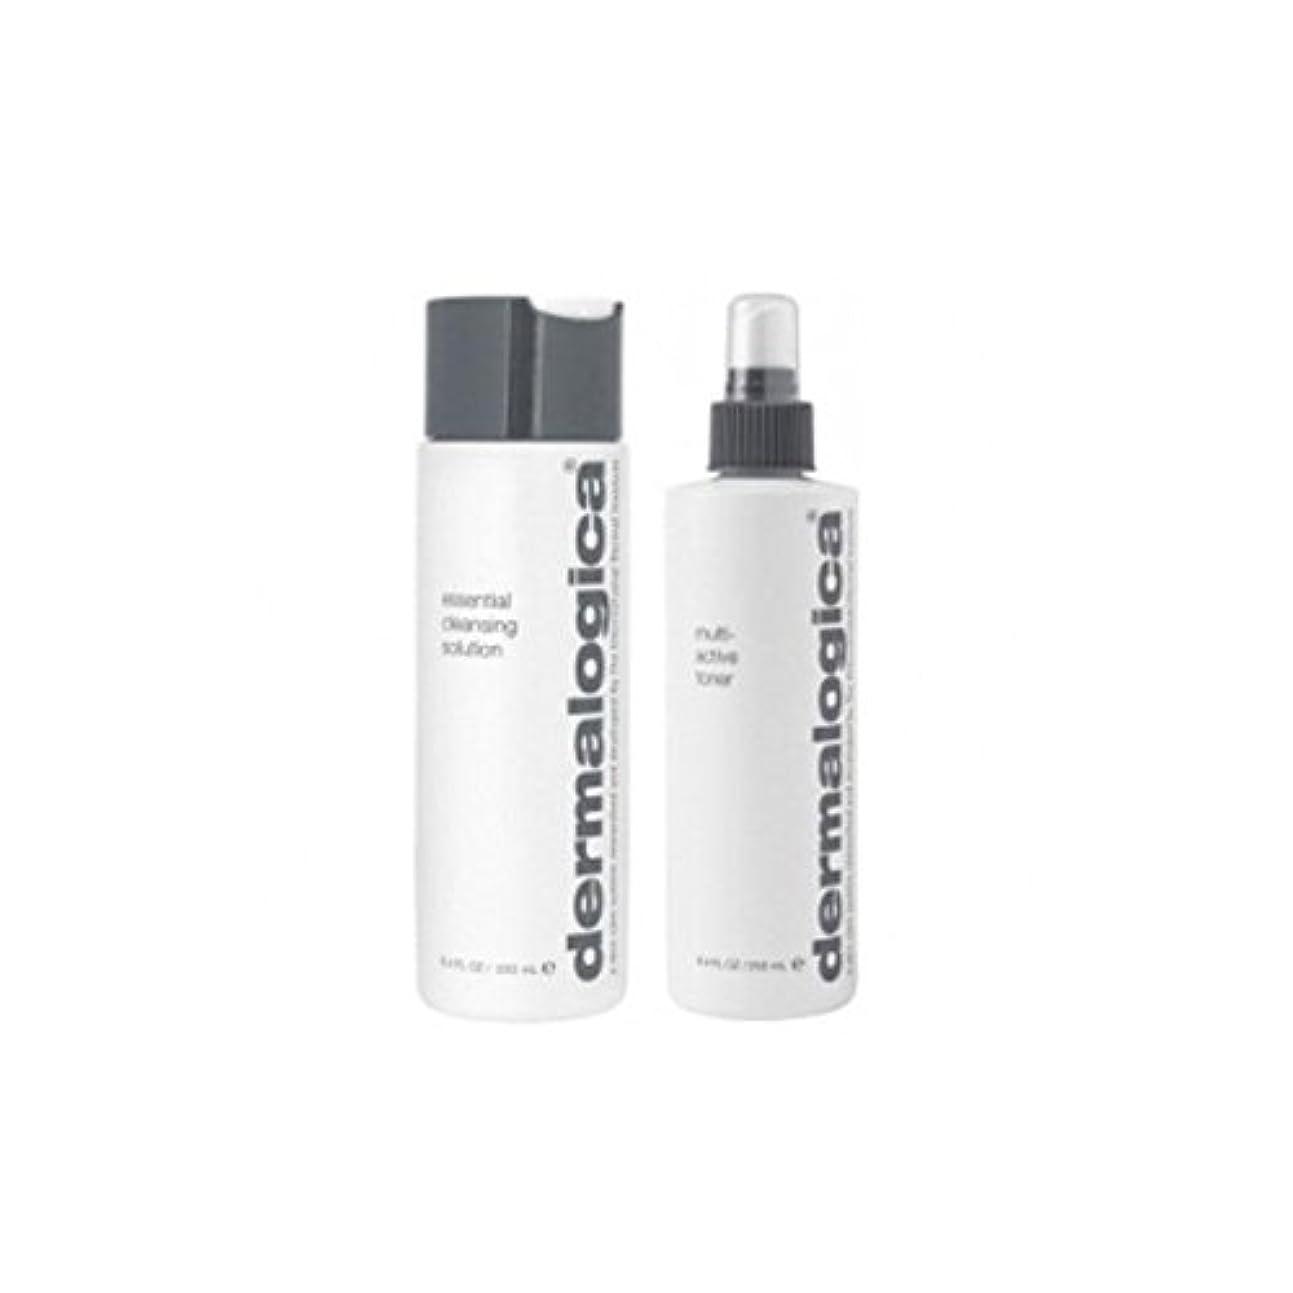 端末統計挑むDermalogica Cleanse & Tone Duo - Dry Skin - ダーマロジカクレンジング&トーンデュオ - 乾燥肌 [並行輸入品]